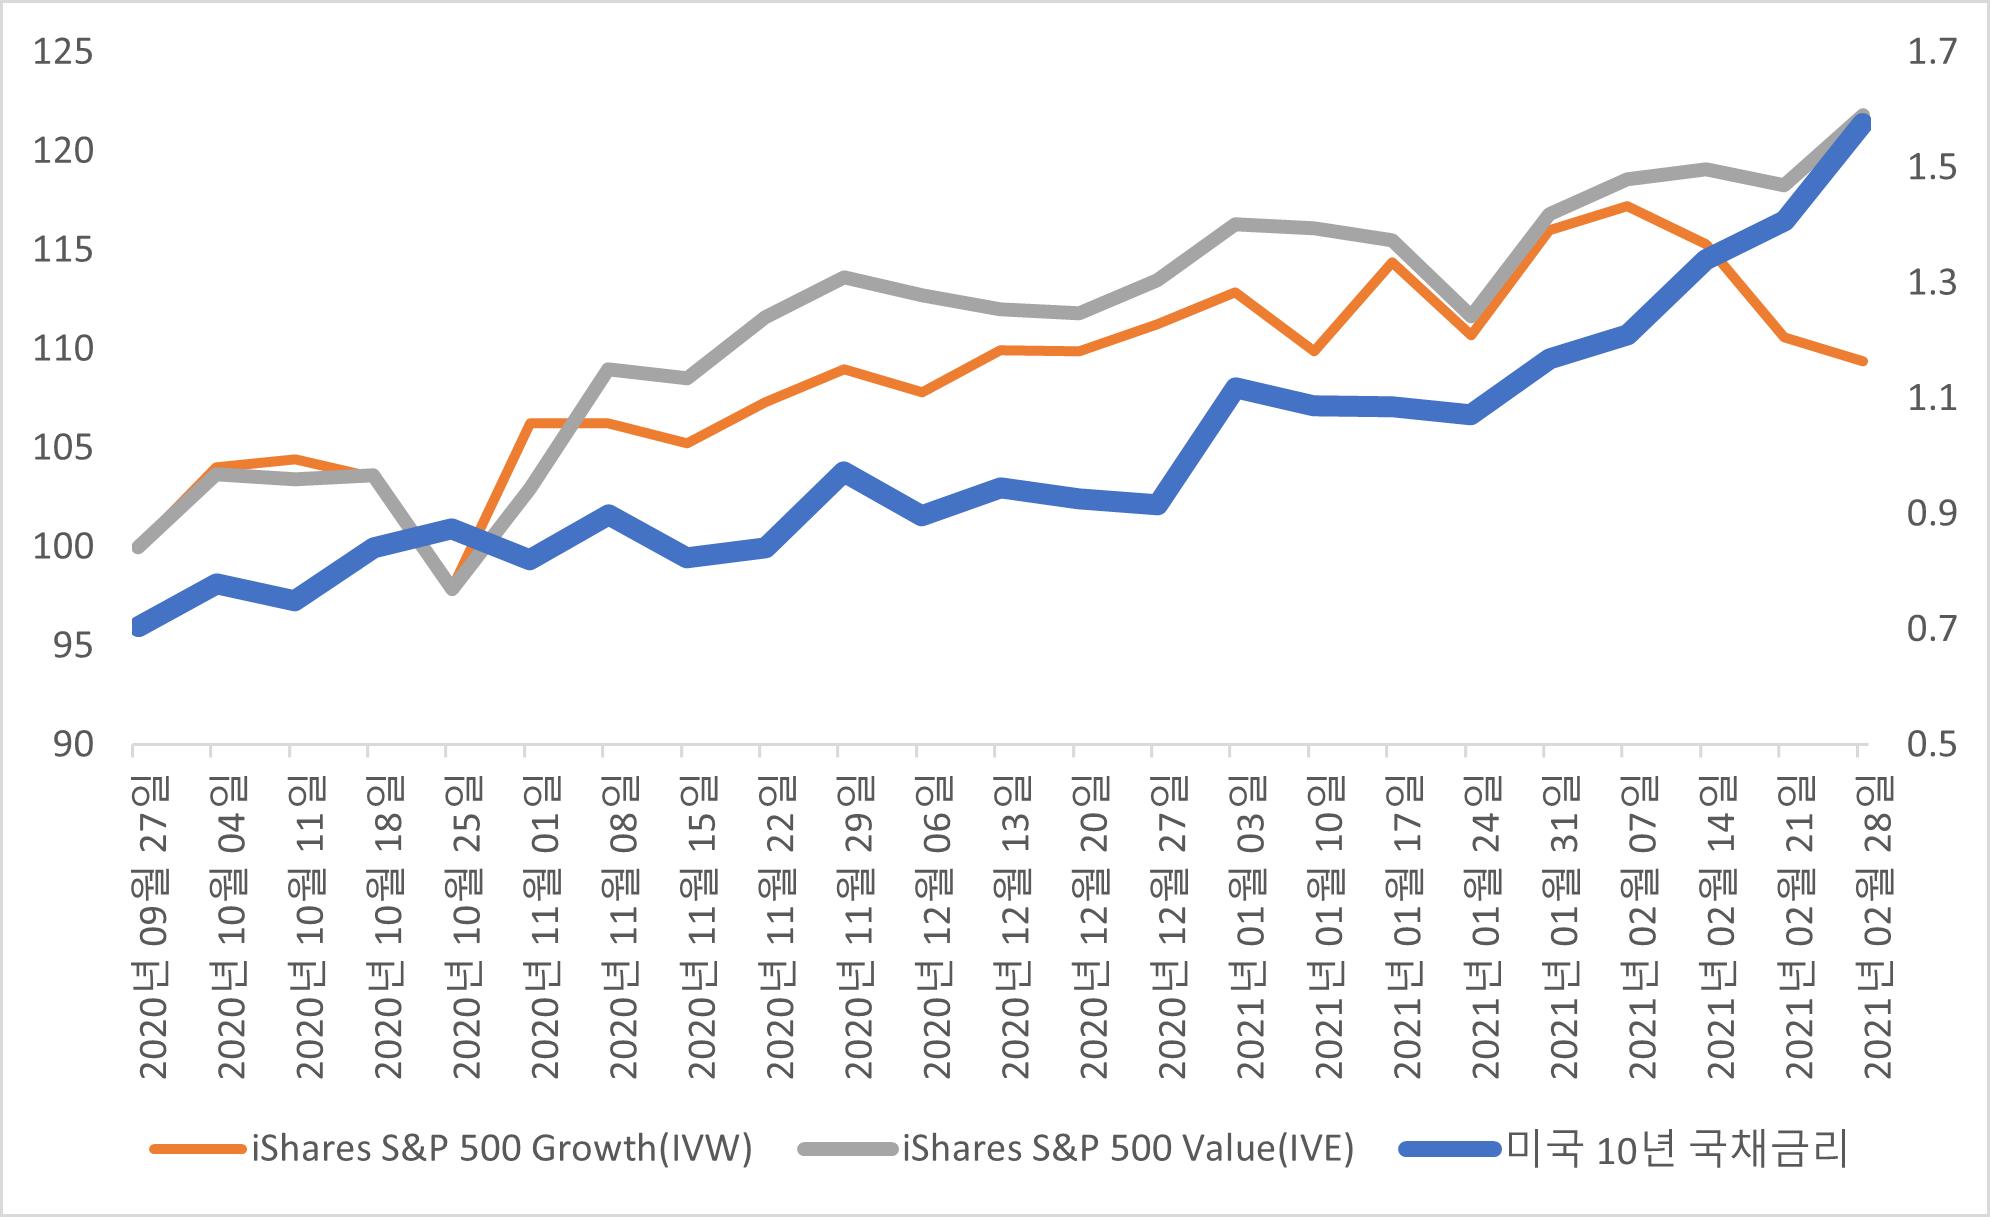 매달 꾸준히 증가하던 개인 투자자 순증은 9월 이후 정체현상이 관찰되고 있다